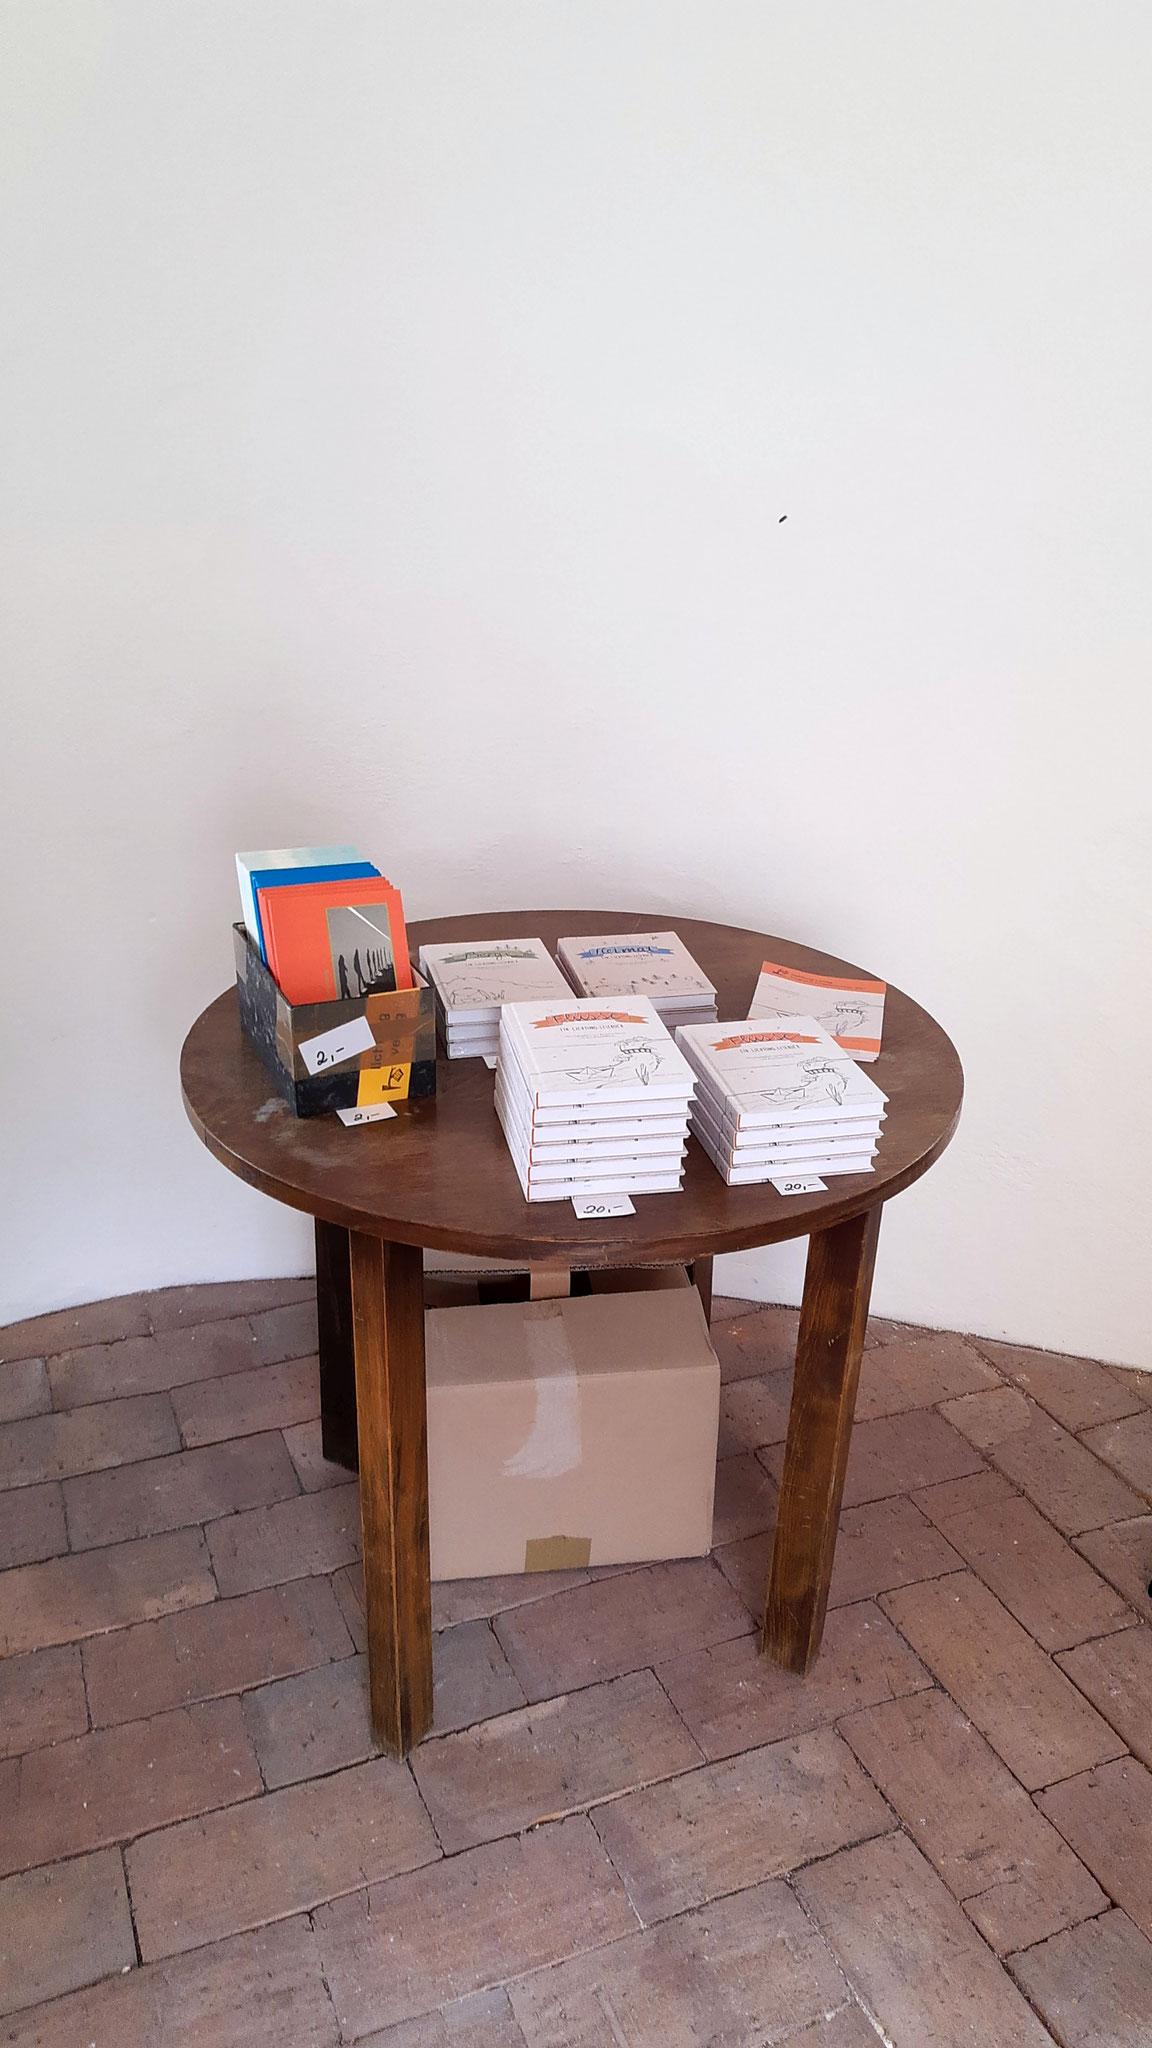 Büchertisch in der Kapelle des Oberpfälzer Volkskundemuseums